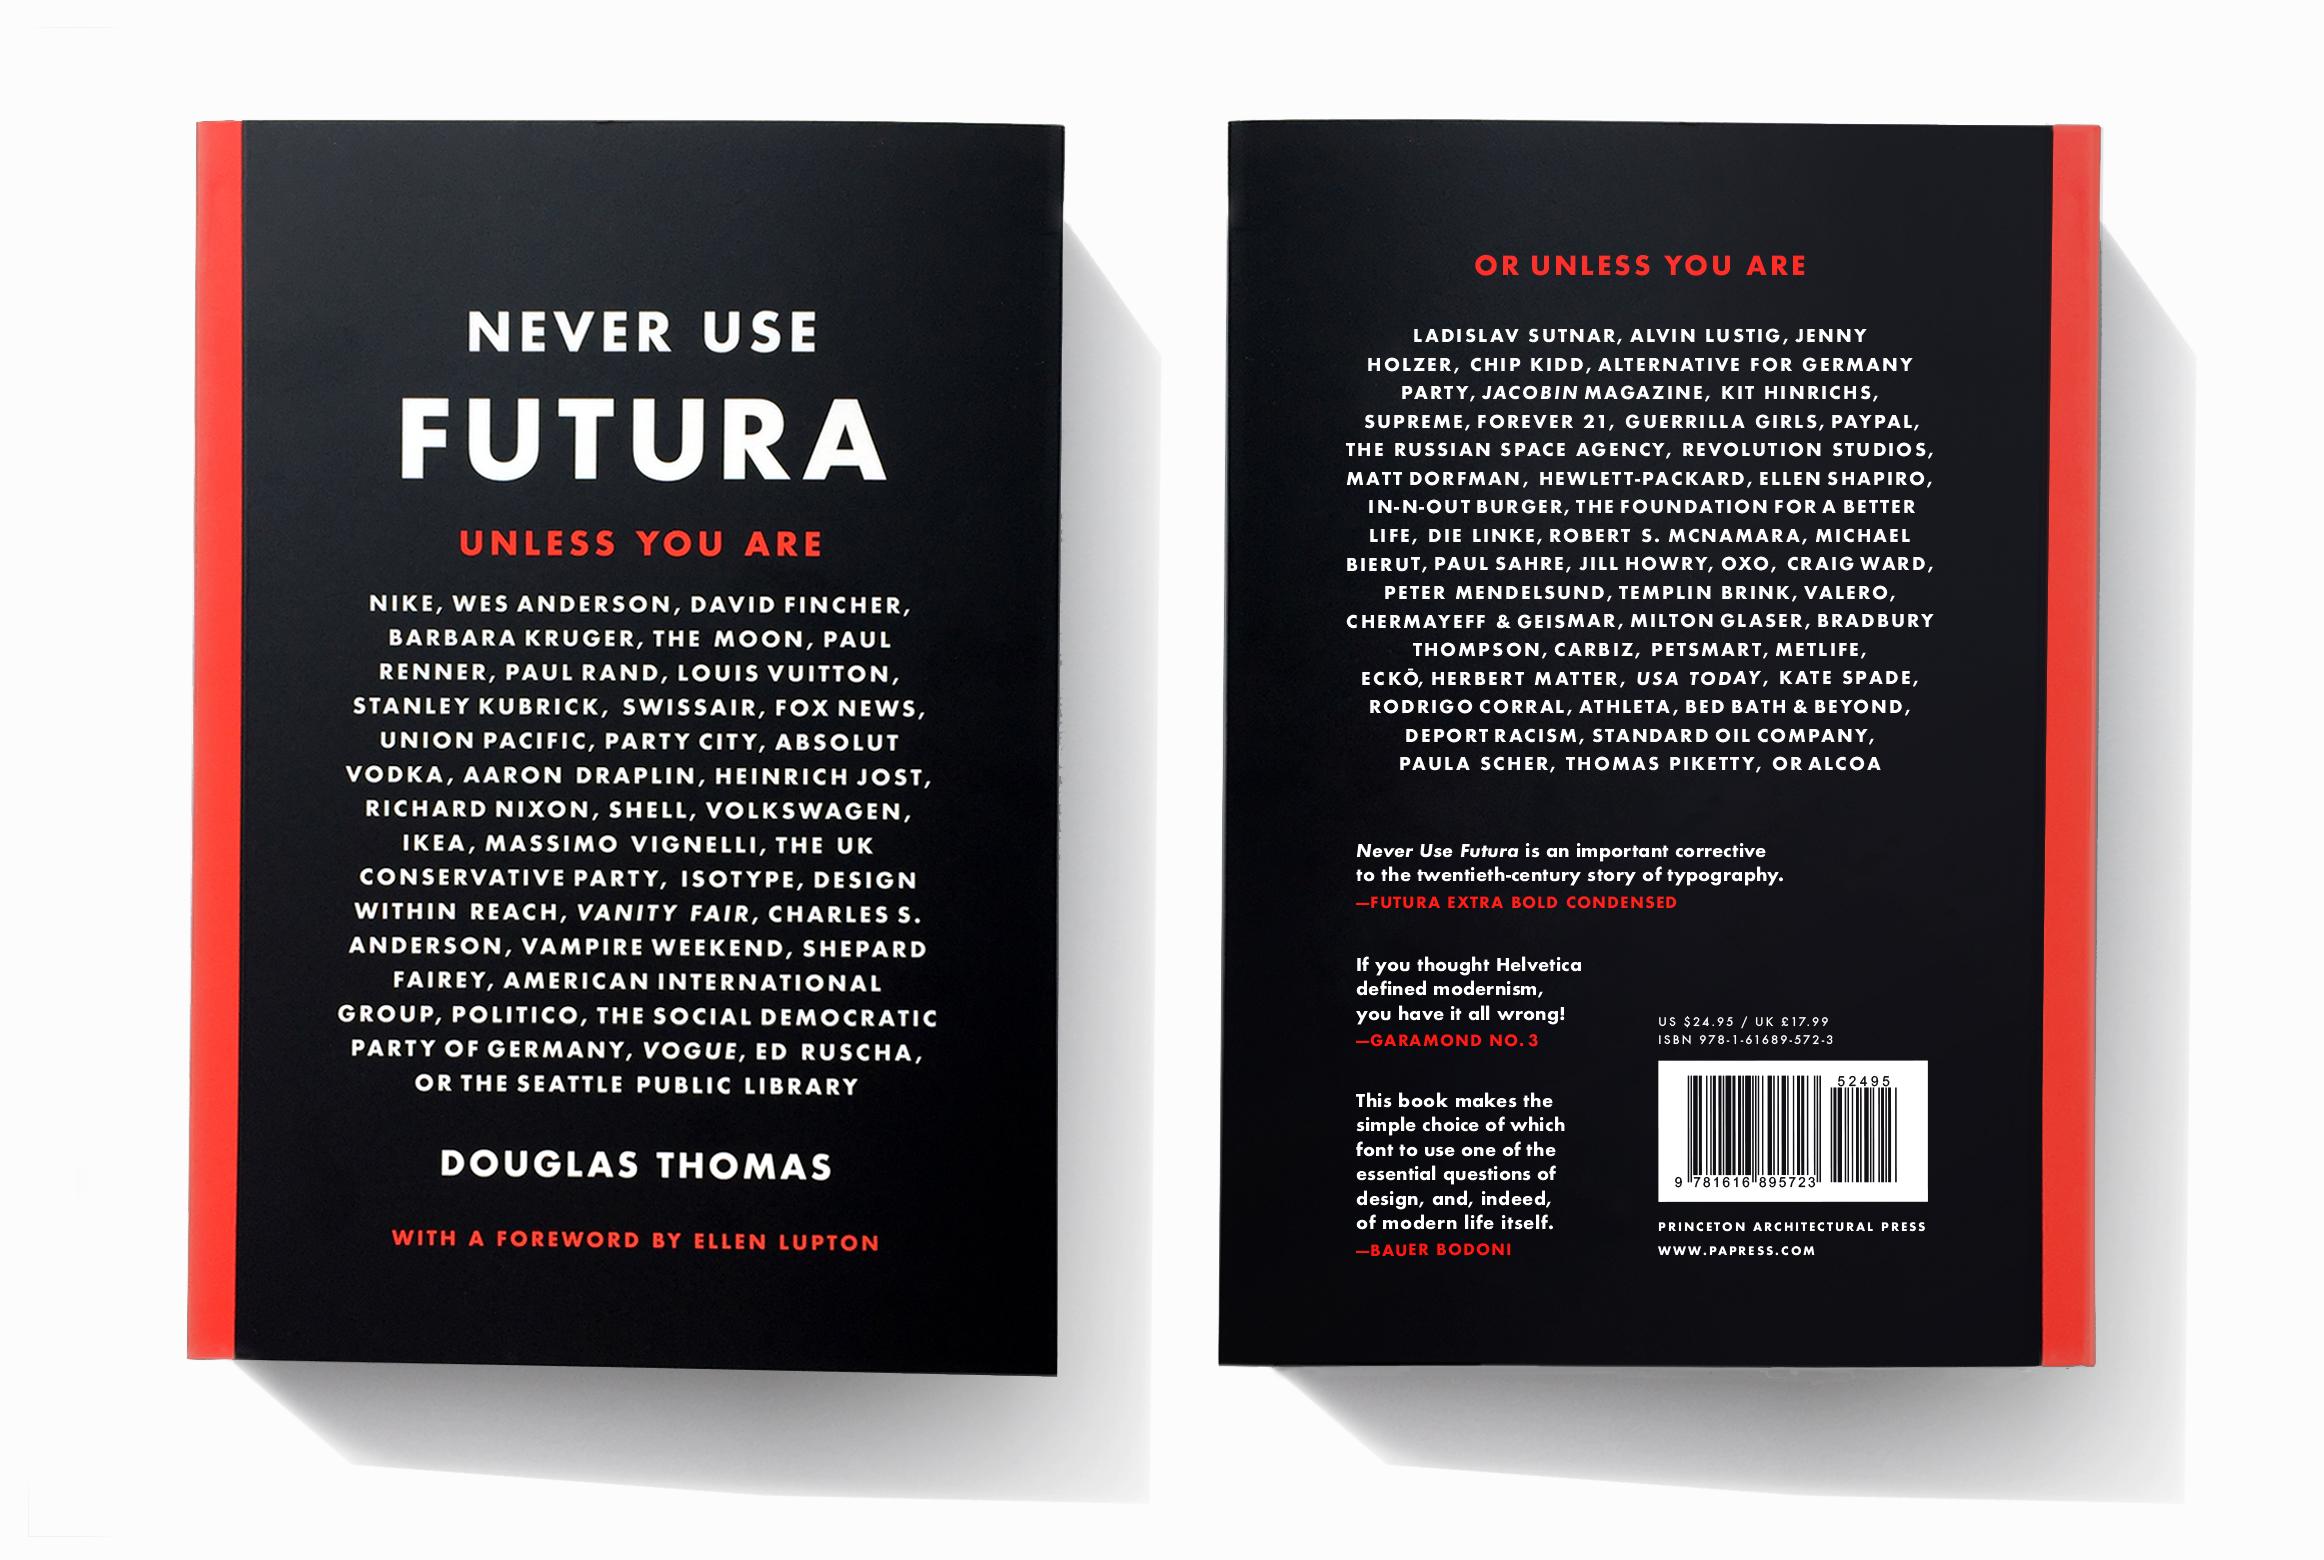 Futura Bold Condensed | ResetEra